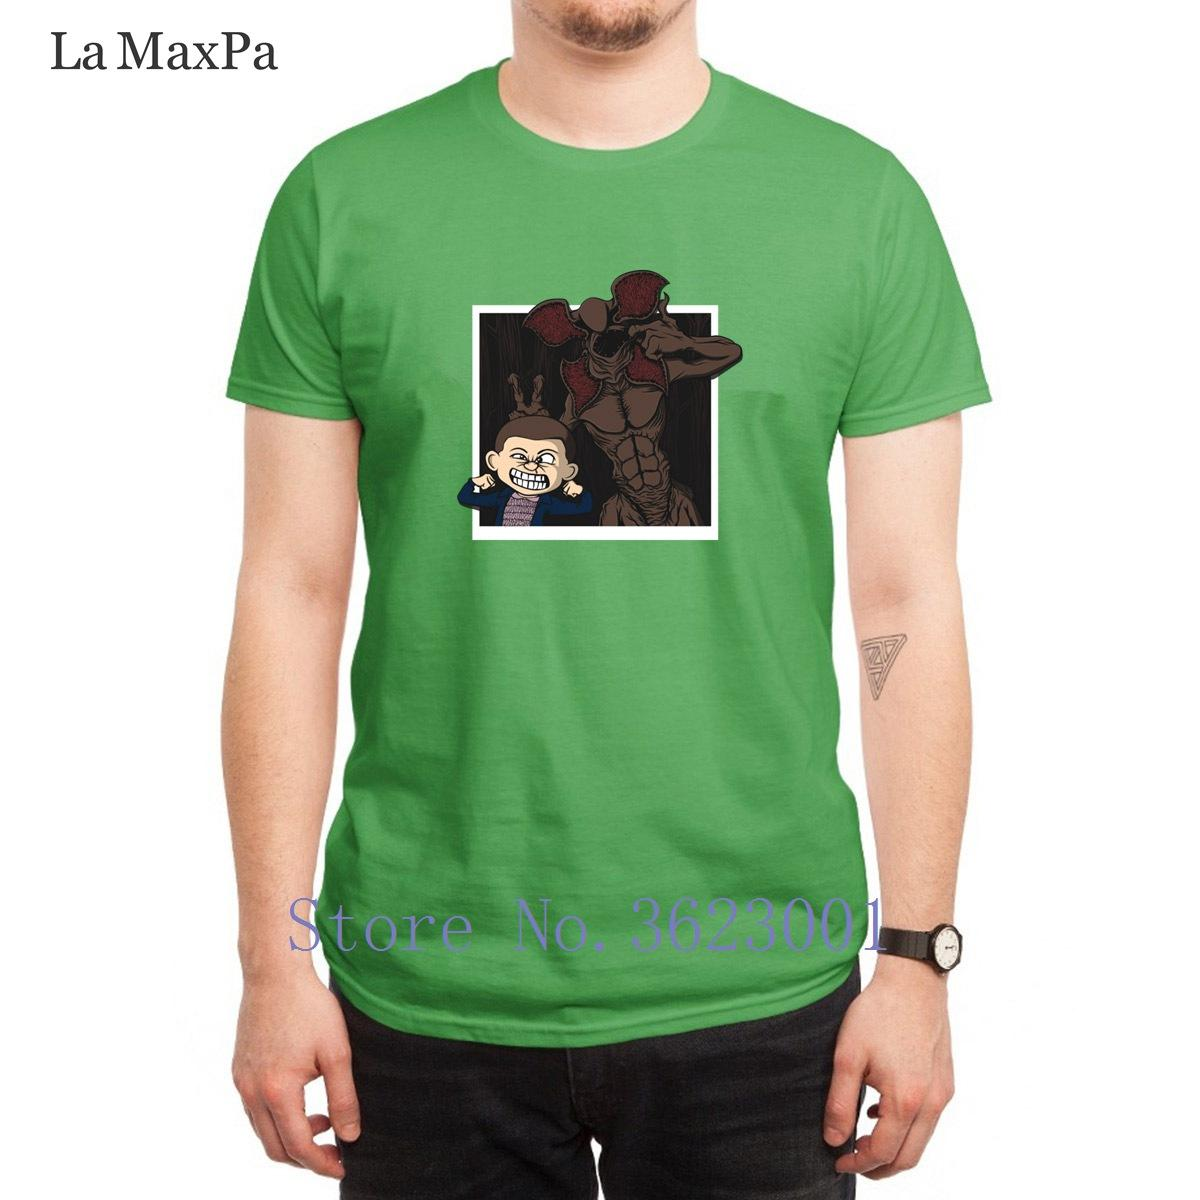 Drucke Einzigartiges T-Shirt des Kopf gestellt Buddies T-Shirt Stilvolle Kleidung T-Shirt Man Super große Größen für Männer Pop Top Tee